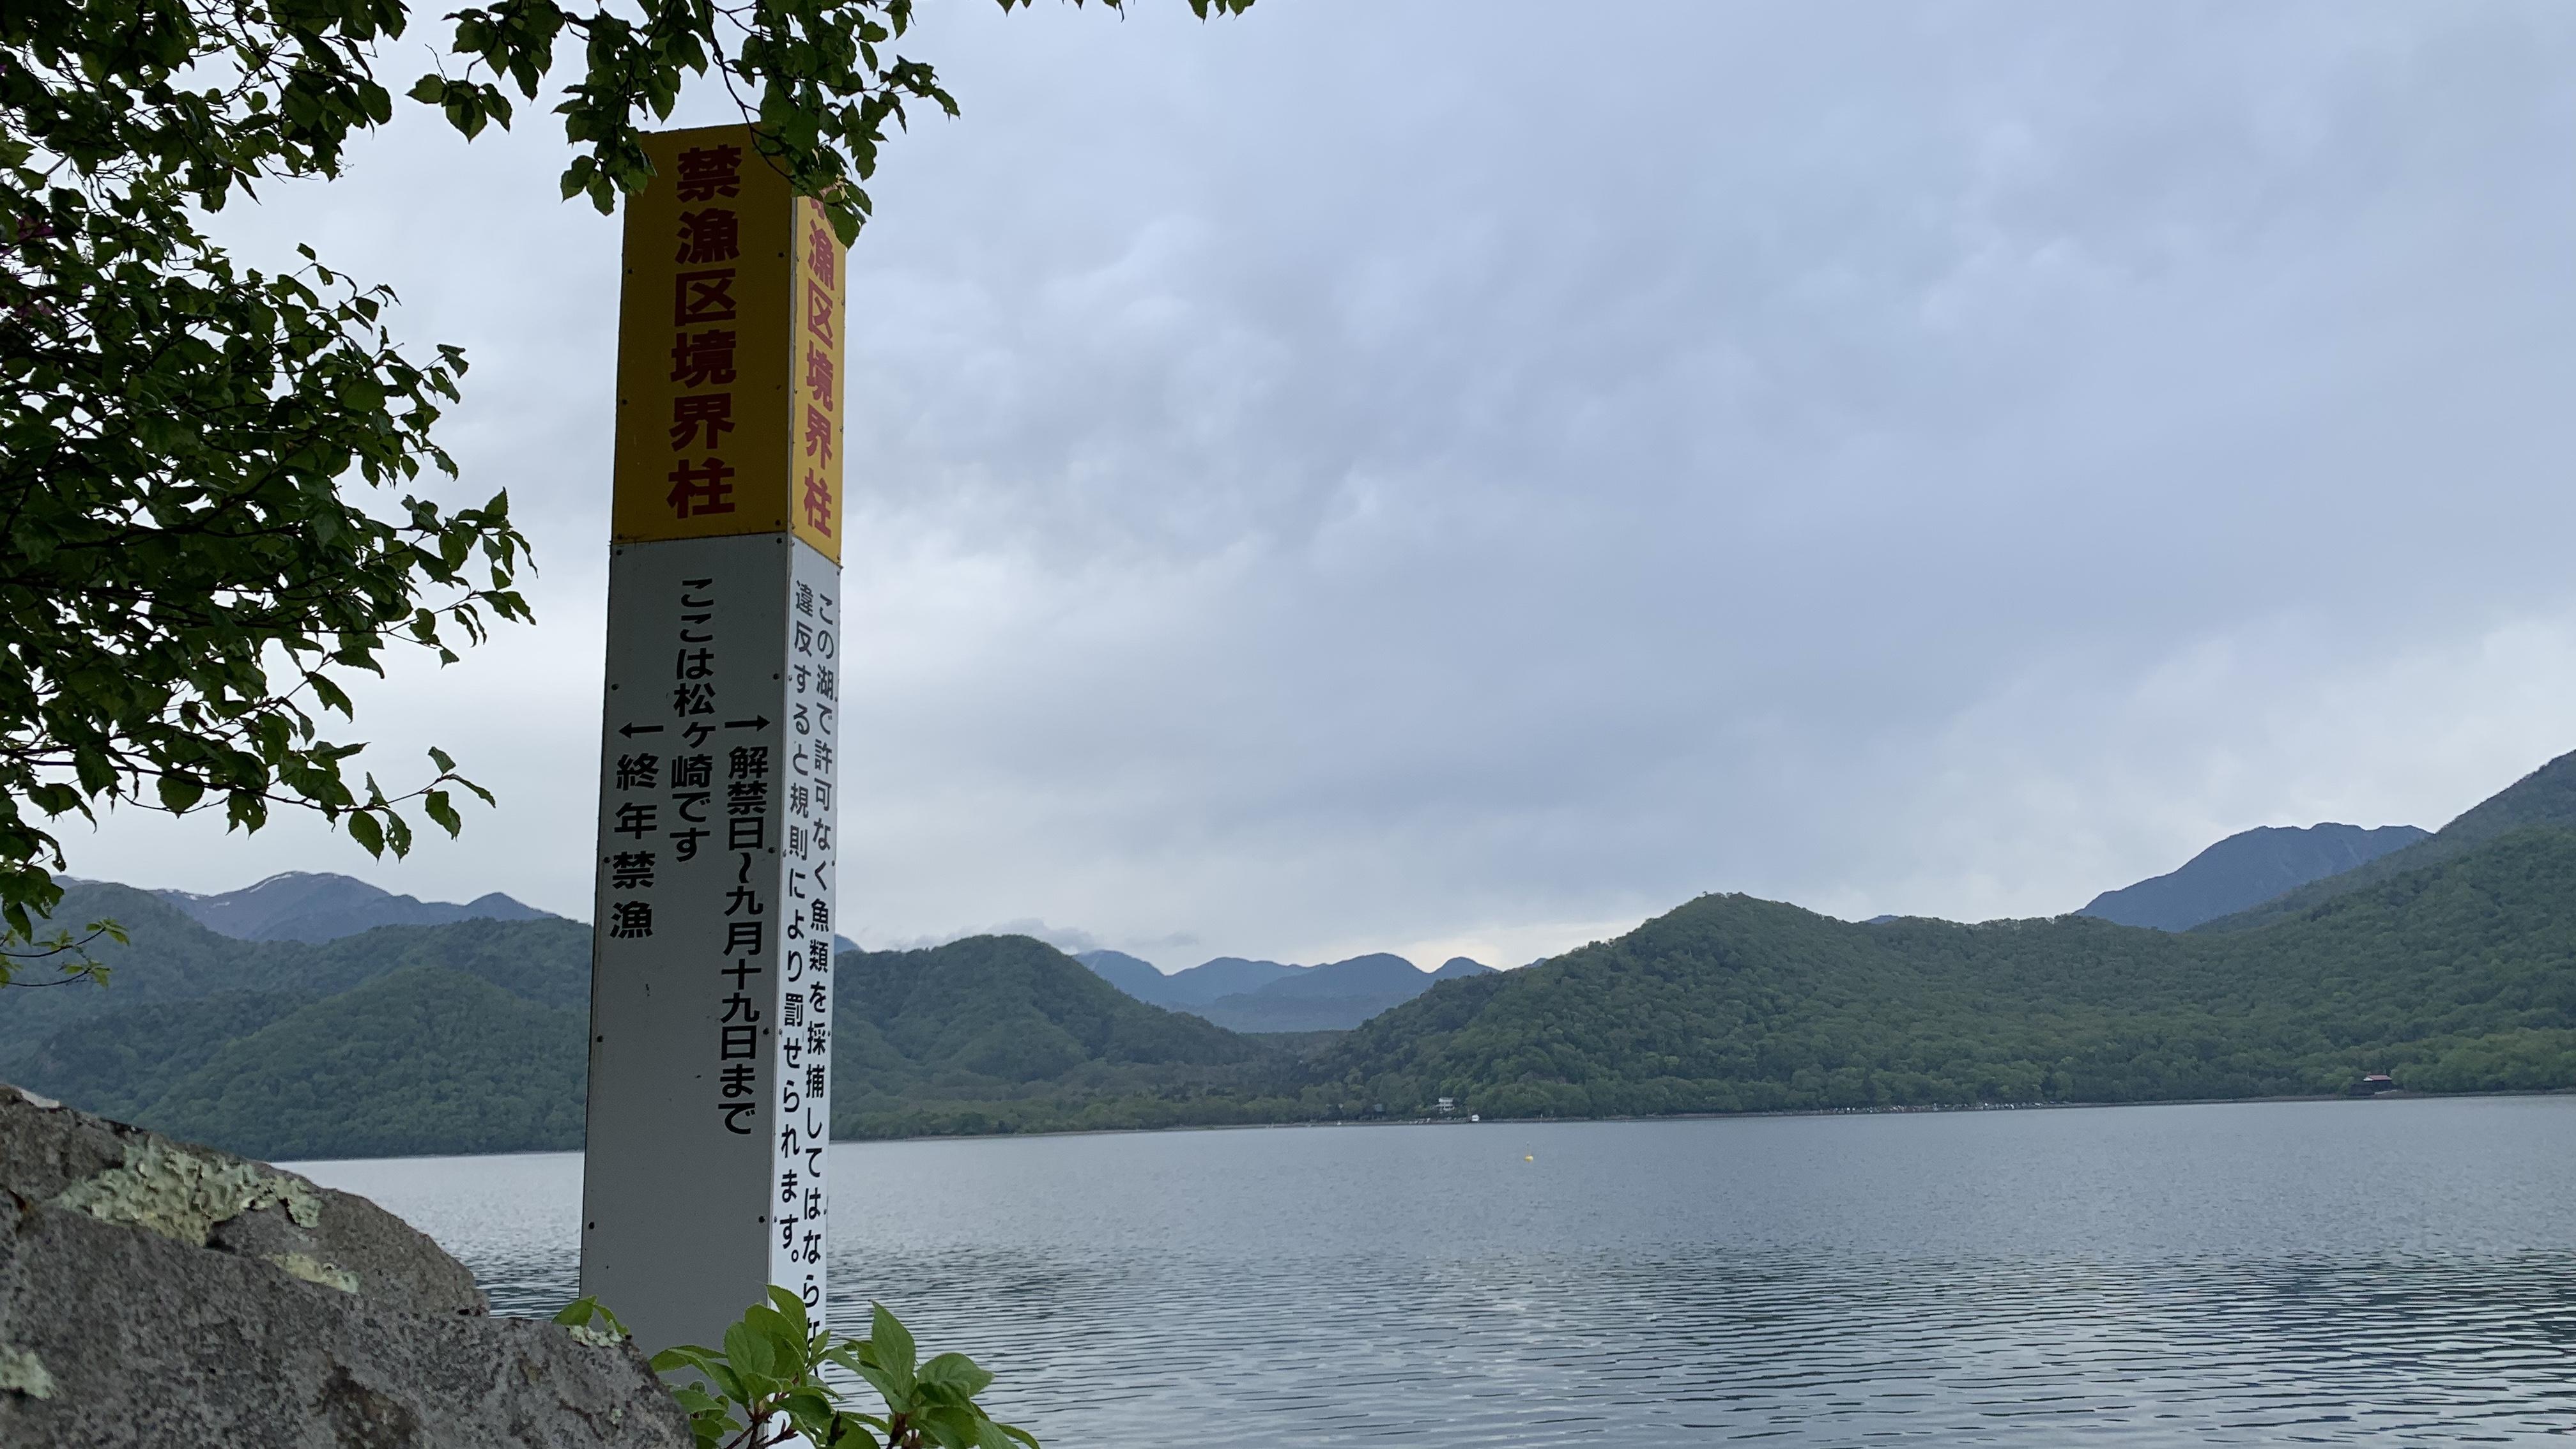 中禅寺湖の松ヶ崎